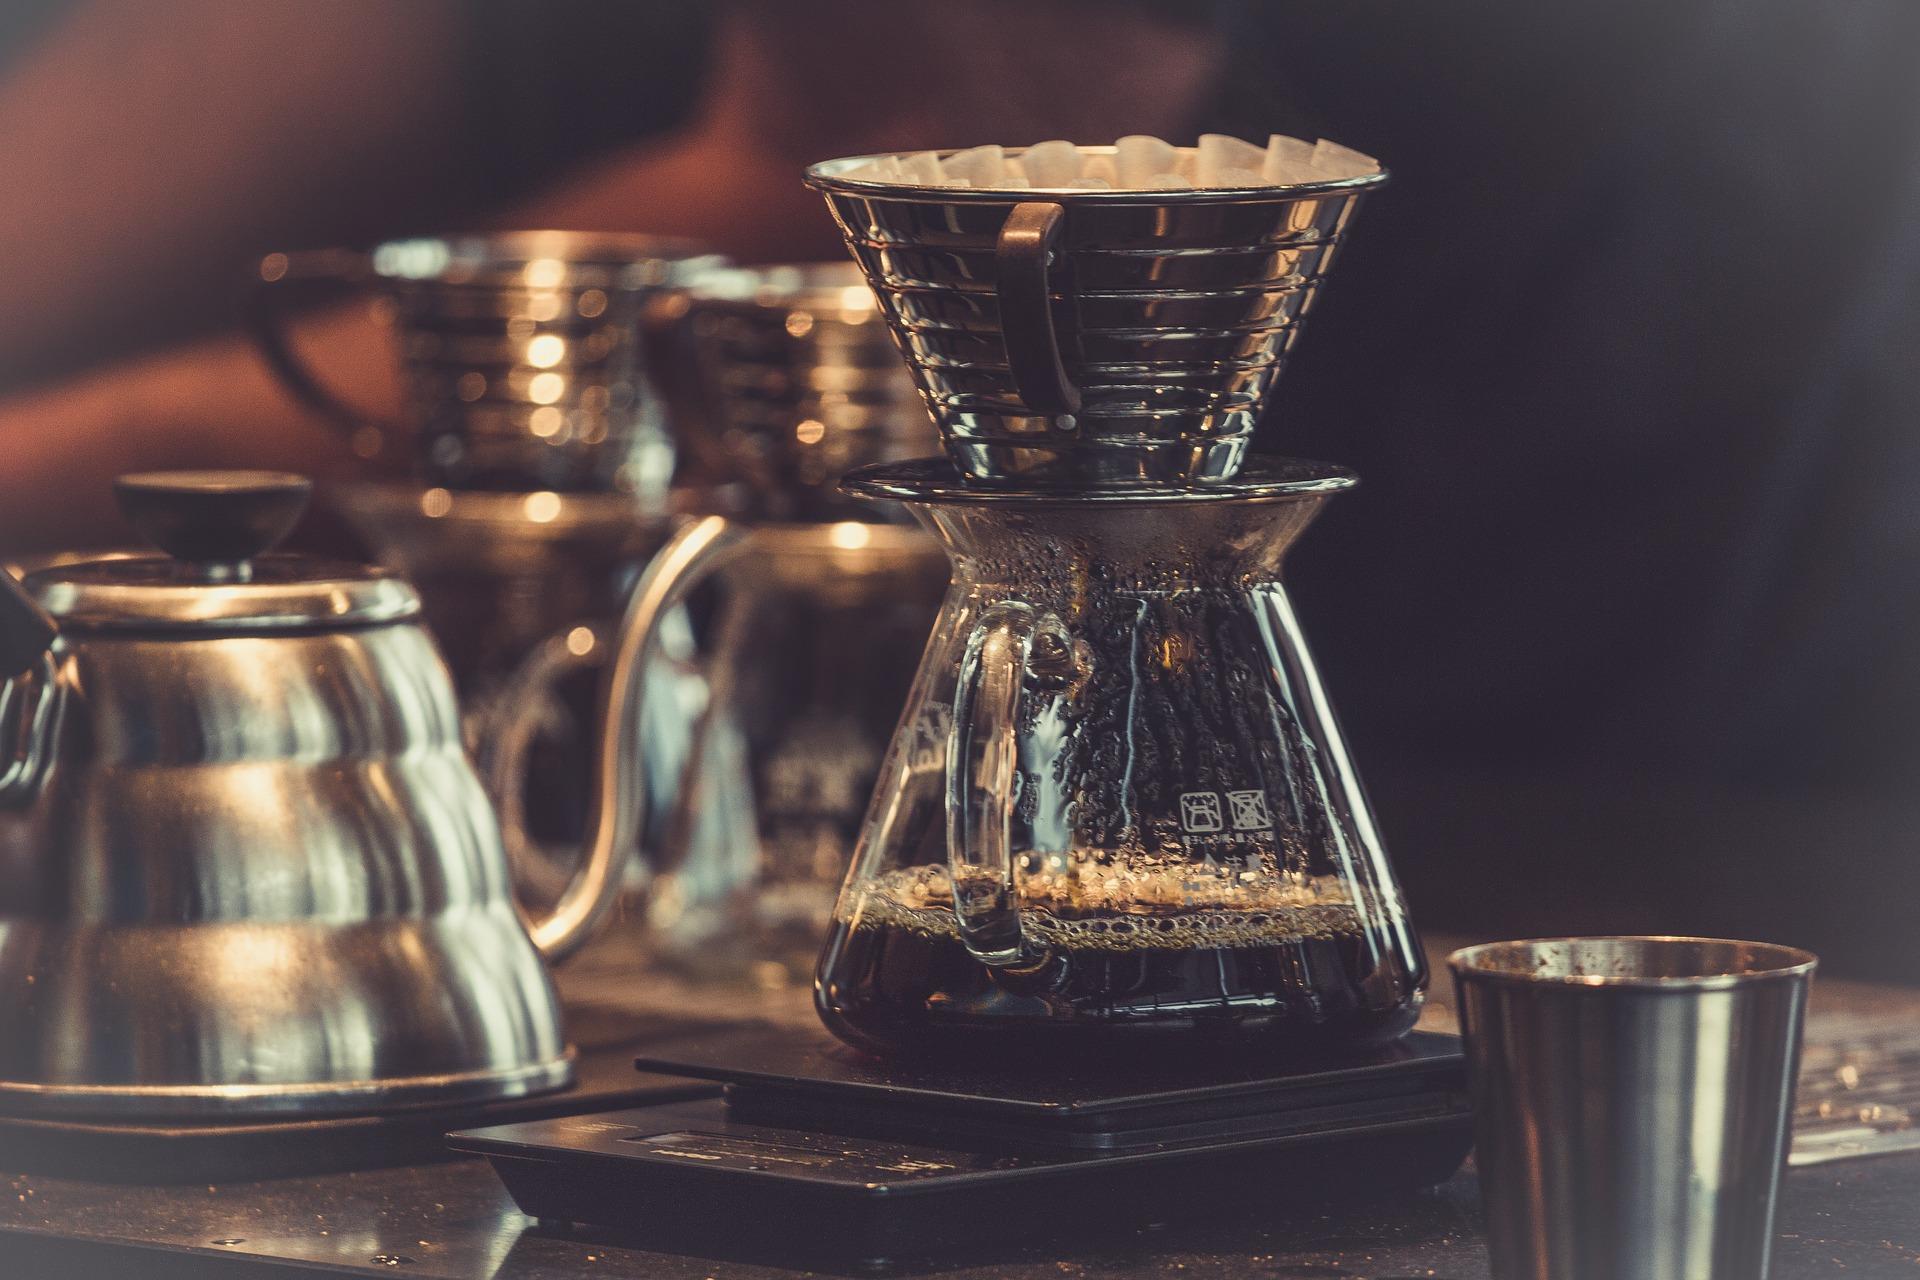 Kaffee in der Herstellung: Speziell aufbereiteter Filterkaffee in einer Glaskanne.